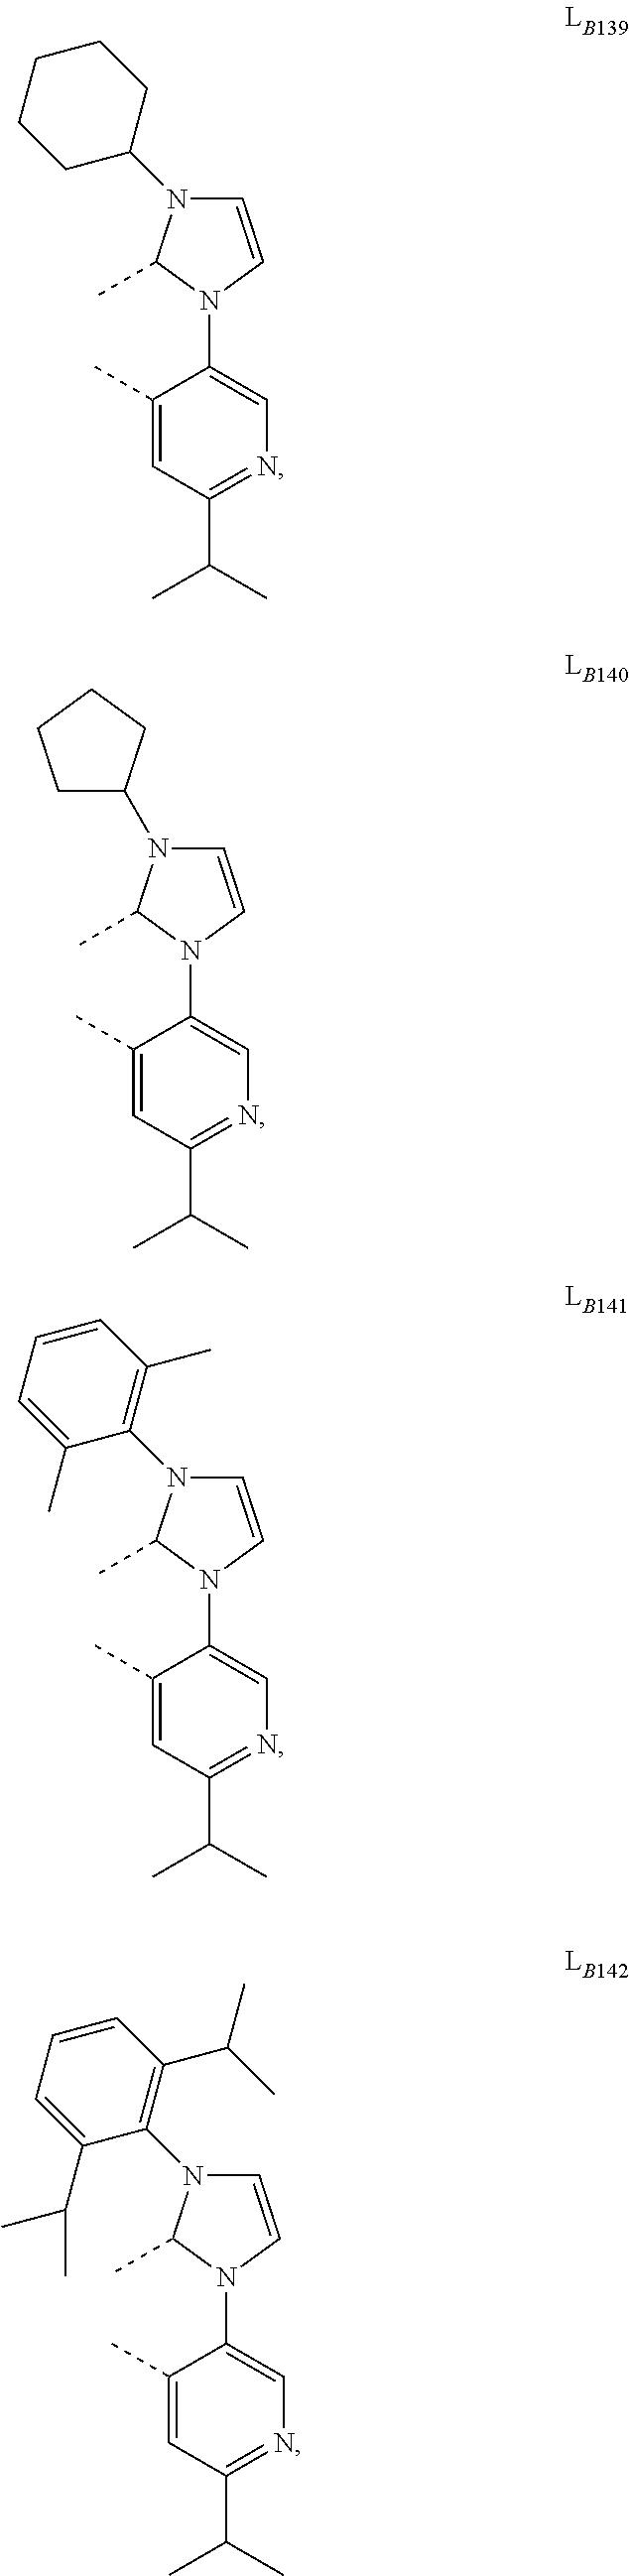 Figure US09905785-20180227-C00528